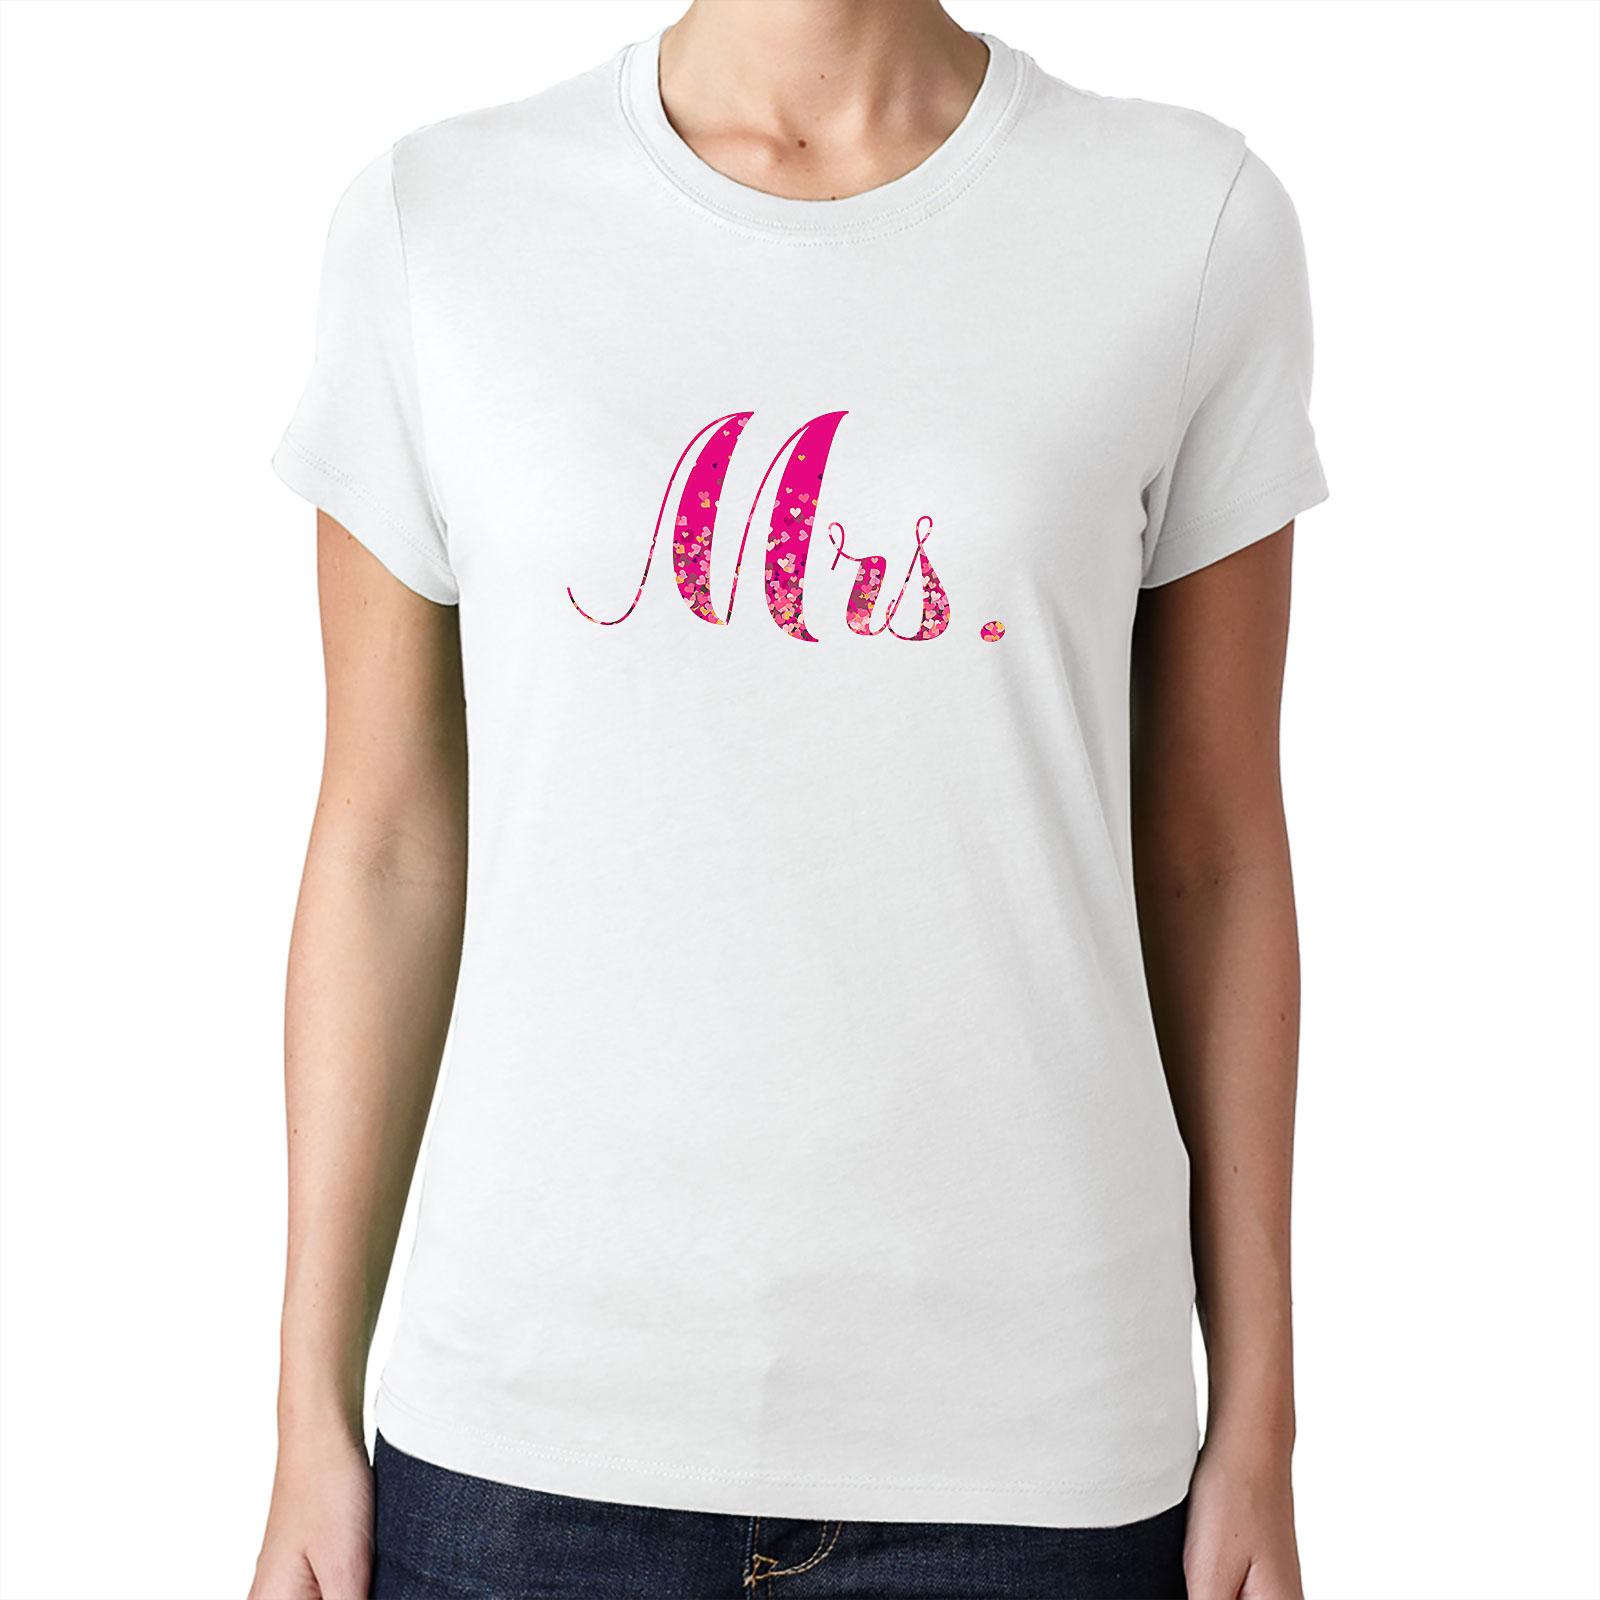 Nevestička a Ženích ♥ - trička na želanie podľa vlastných predstáv - Mrs. 3